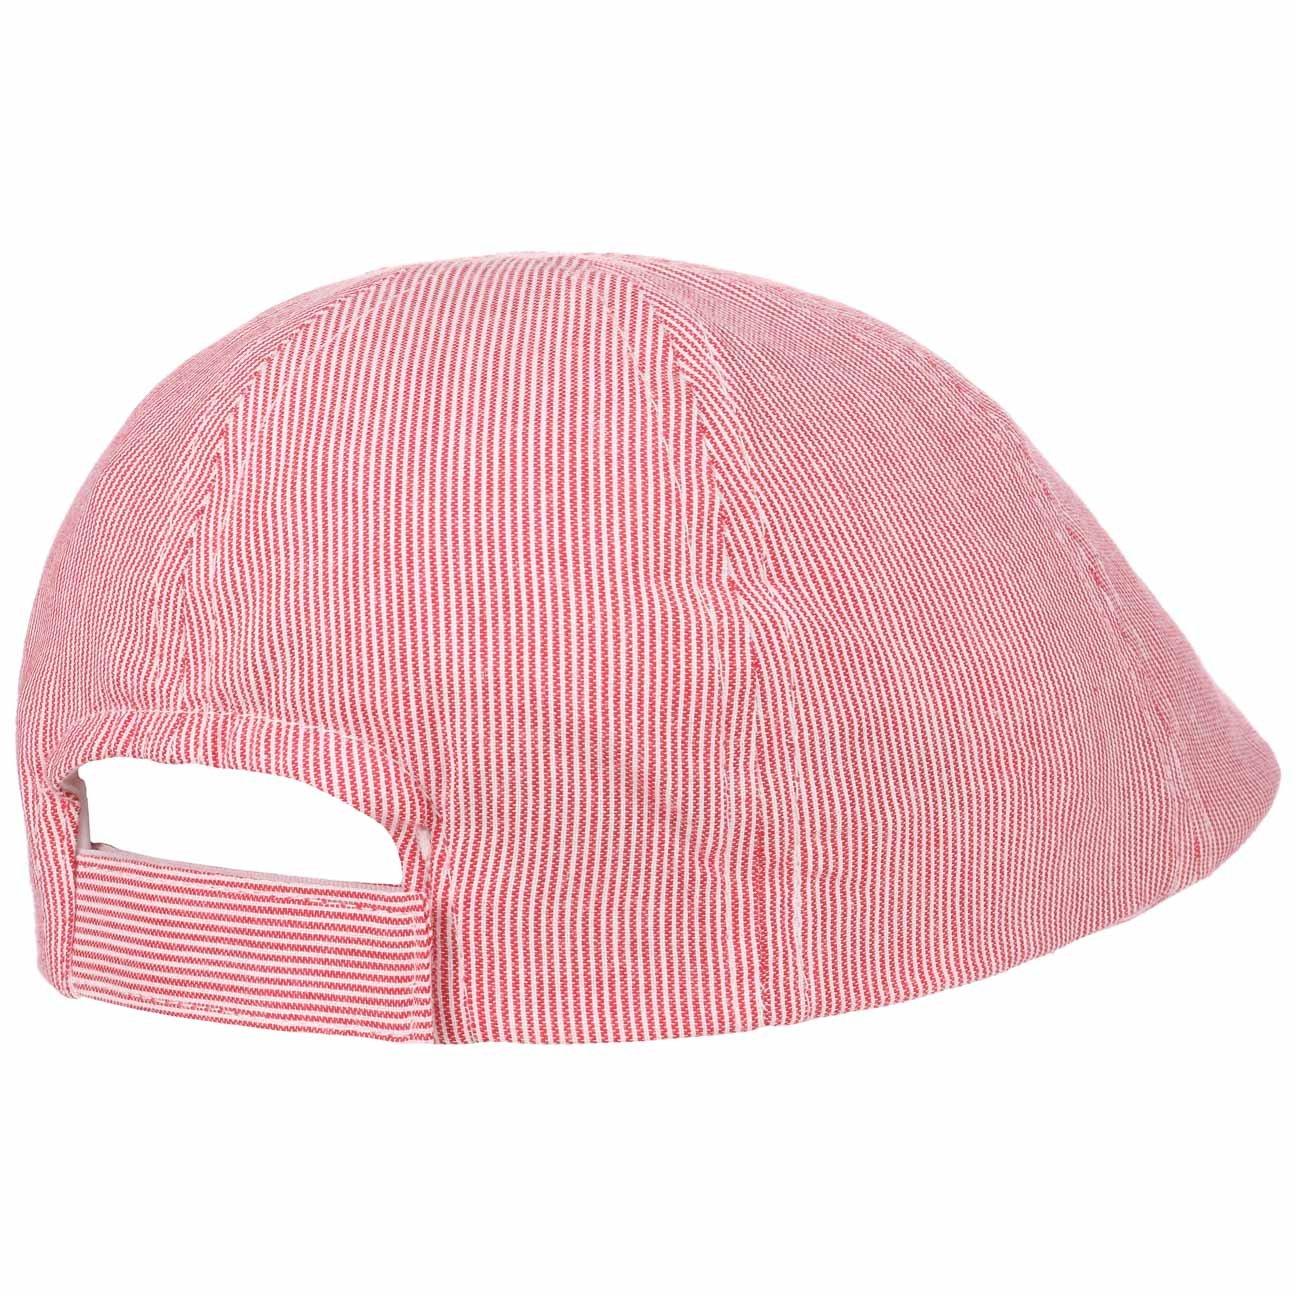 Cappello Piatto Berretto Estivo con Visiera Primavera//Estate Lipodo Coppola da Bambino Cotton Stripes Bambini